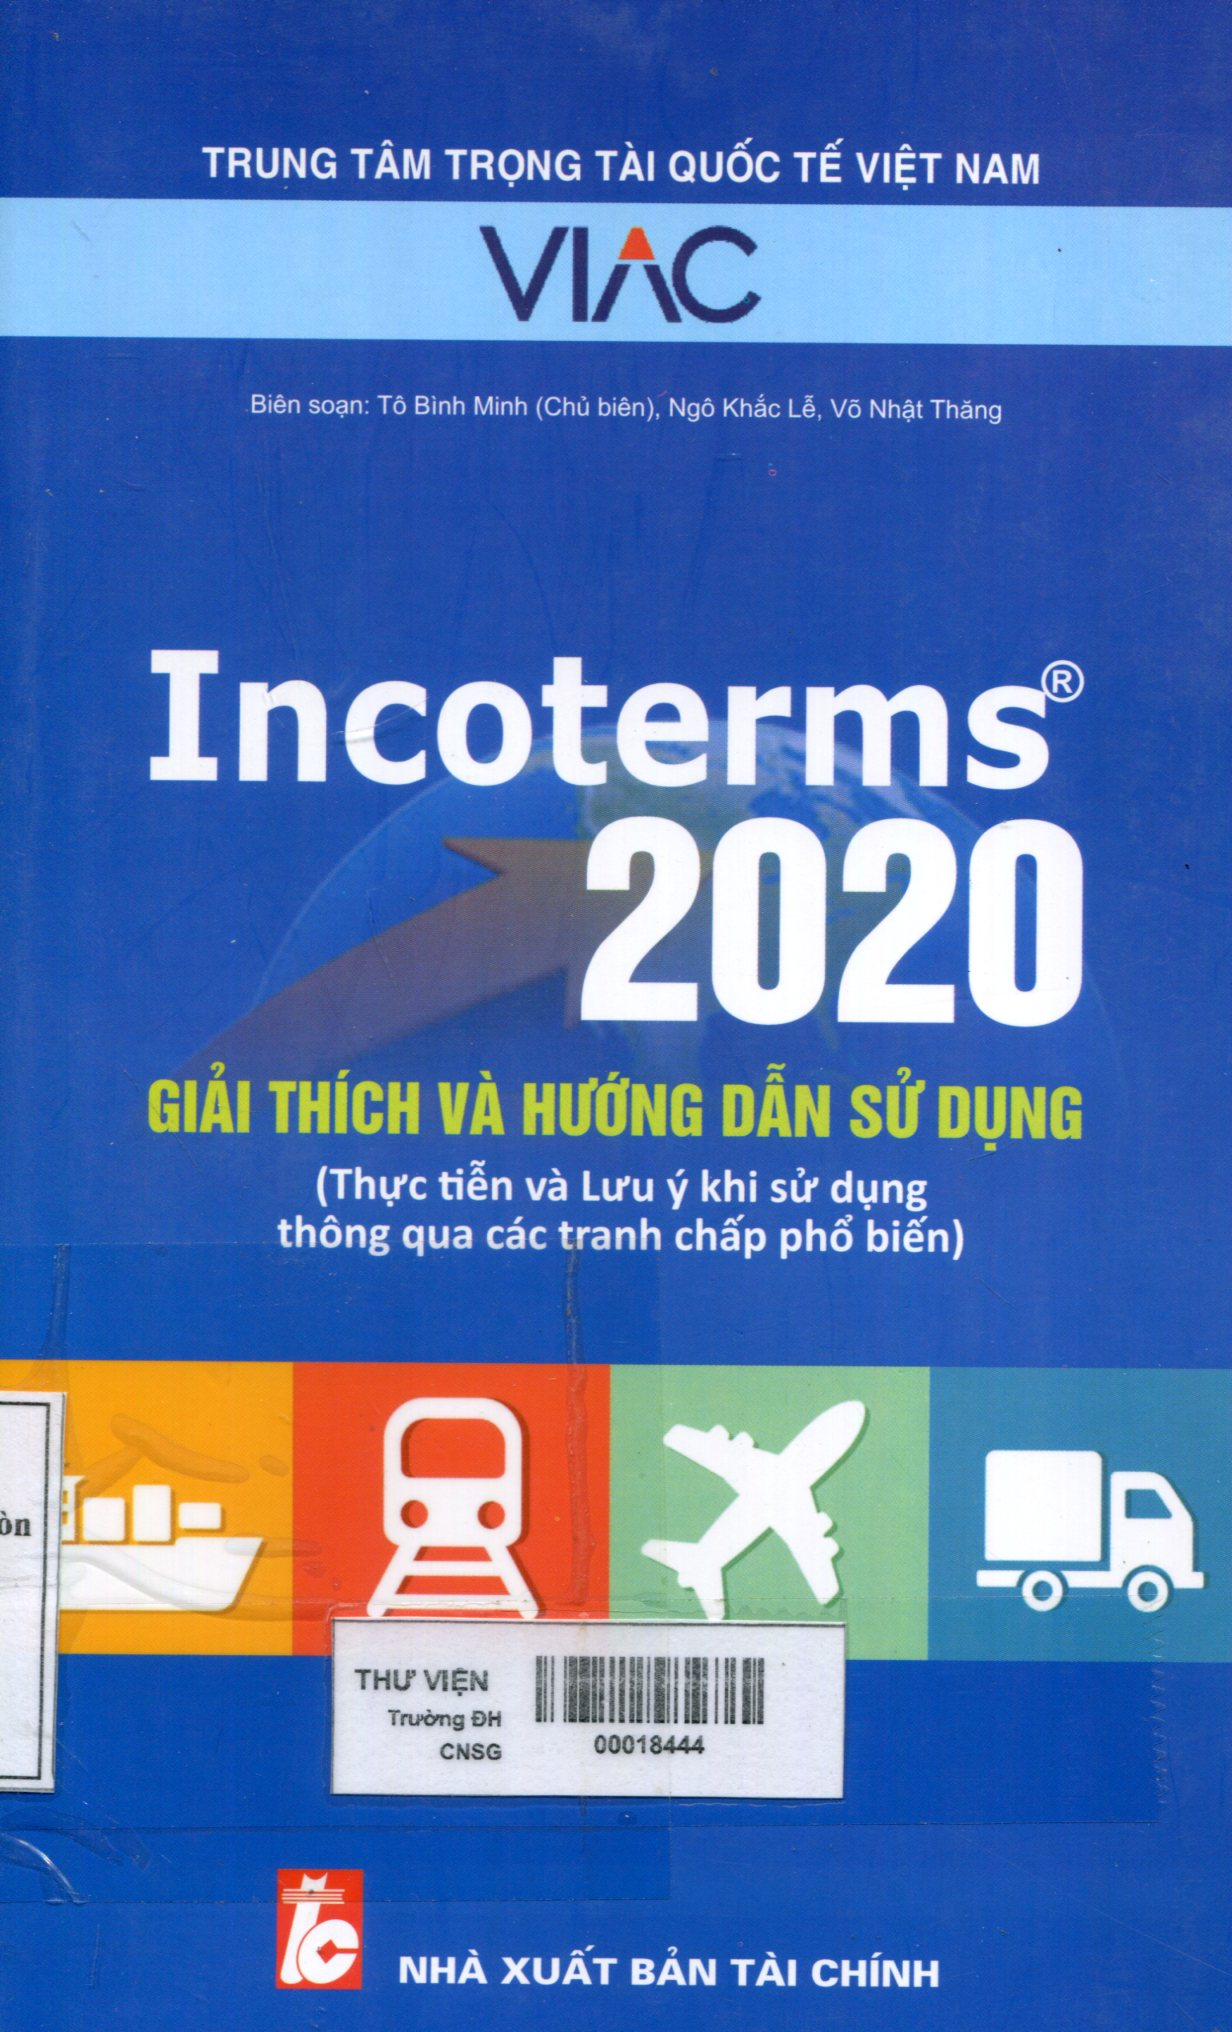 Incoterms 2020 giải thích và hướng dẫn sử dụng